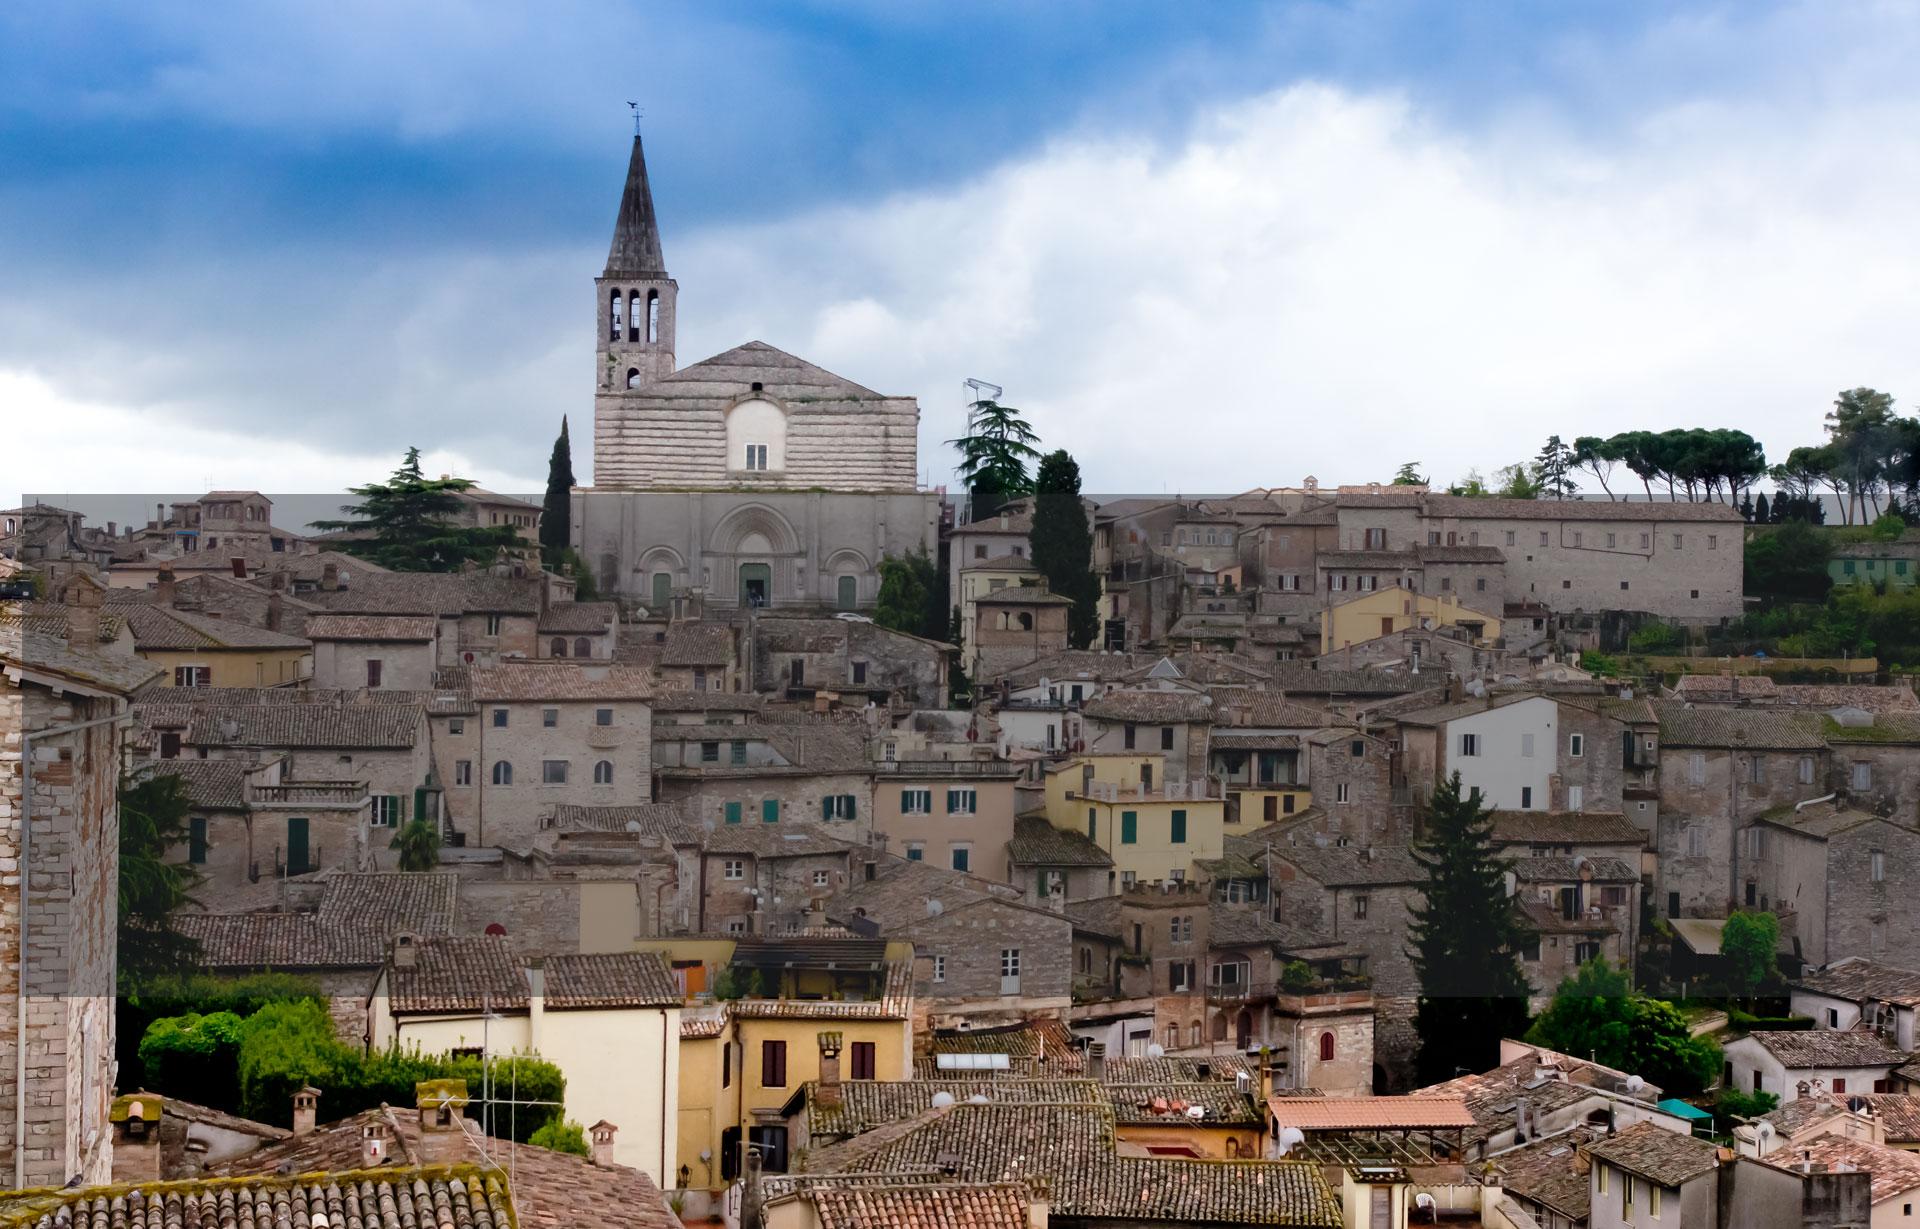 Vacation Rentals In Todi Umbria